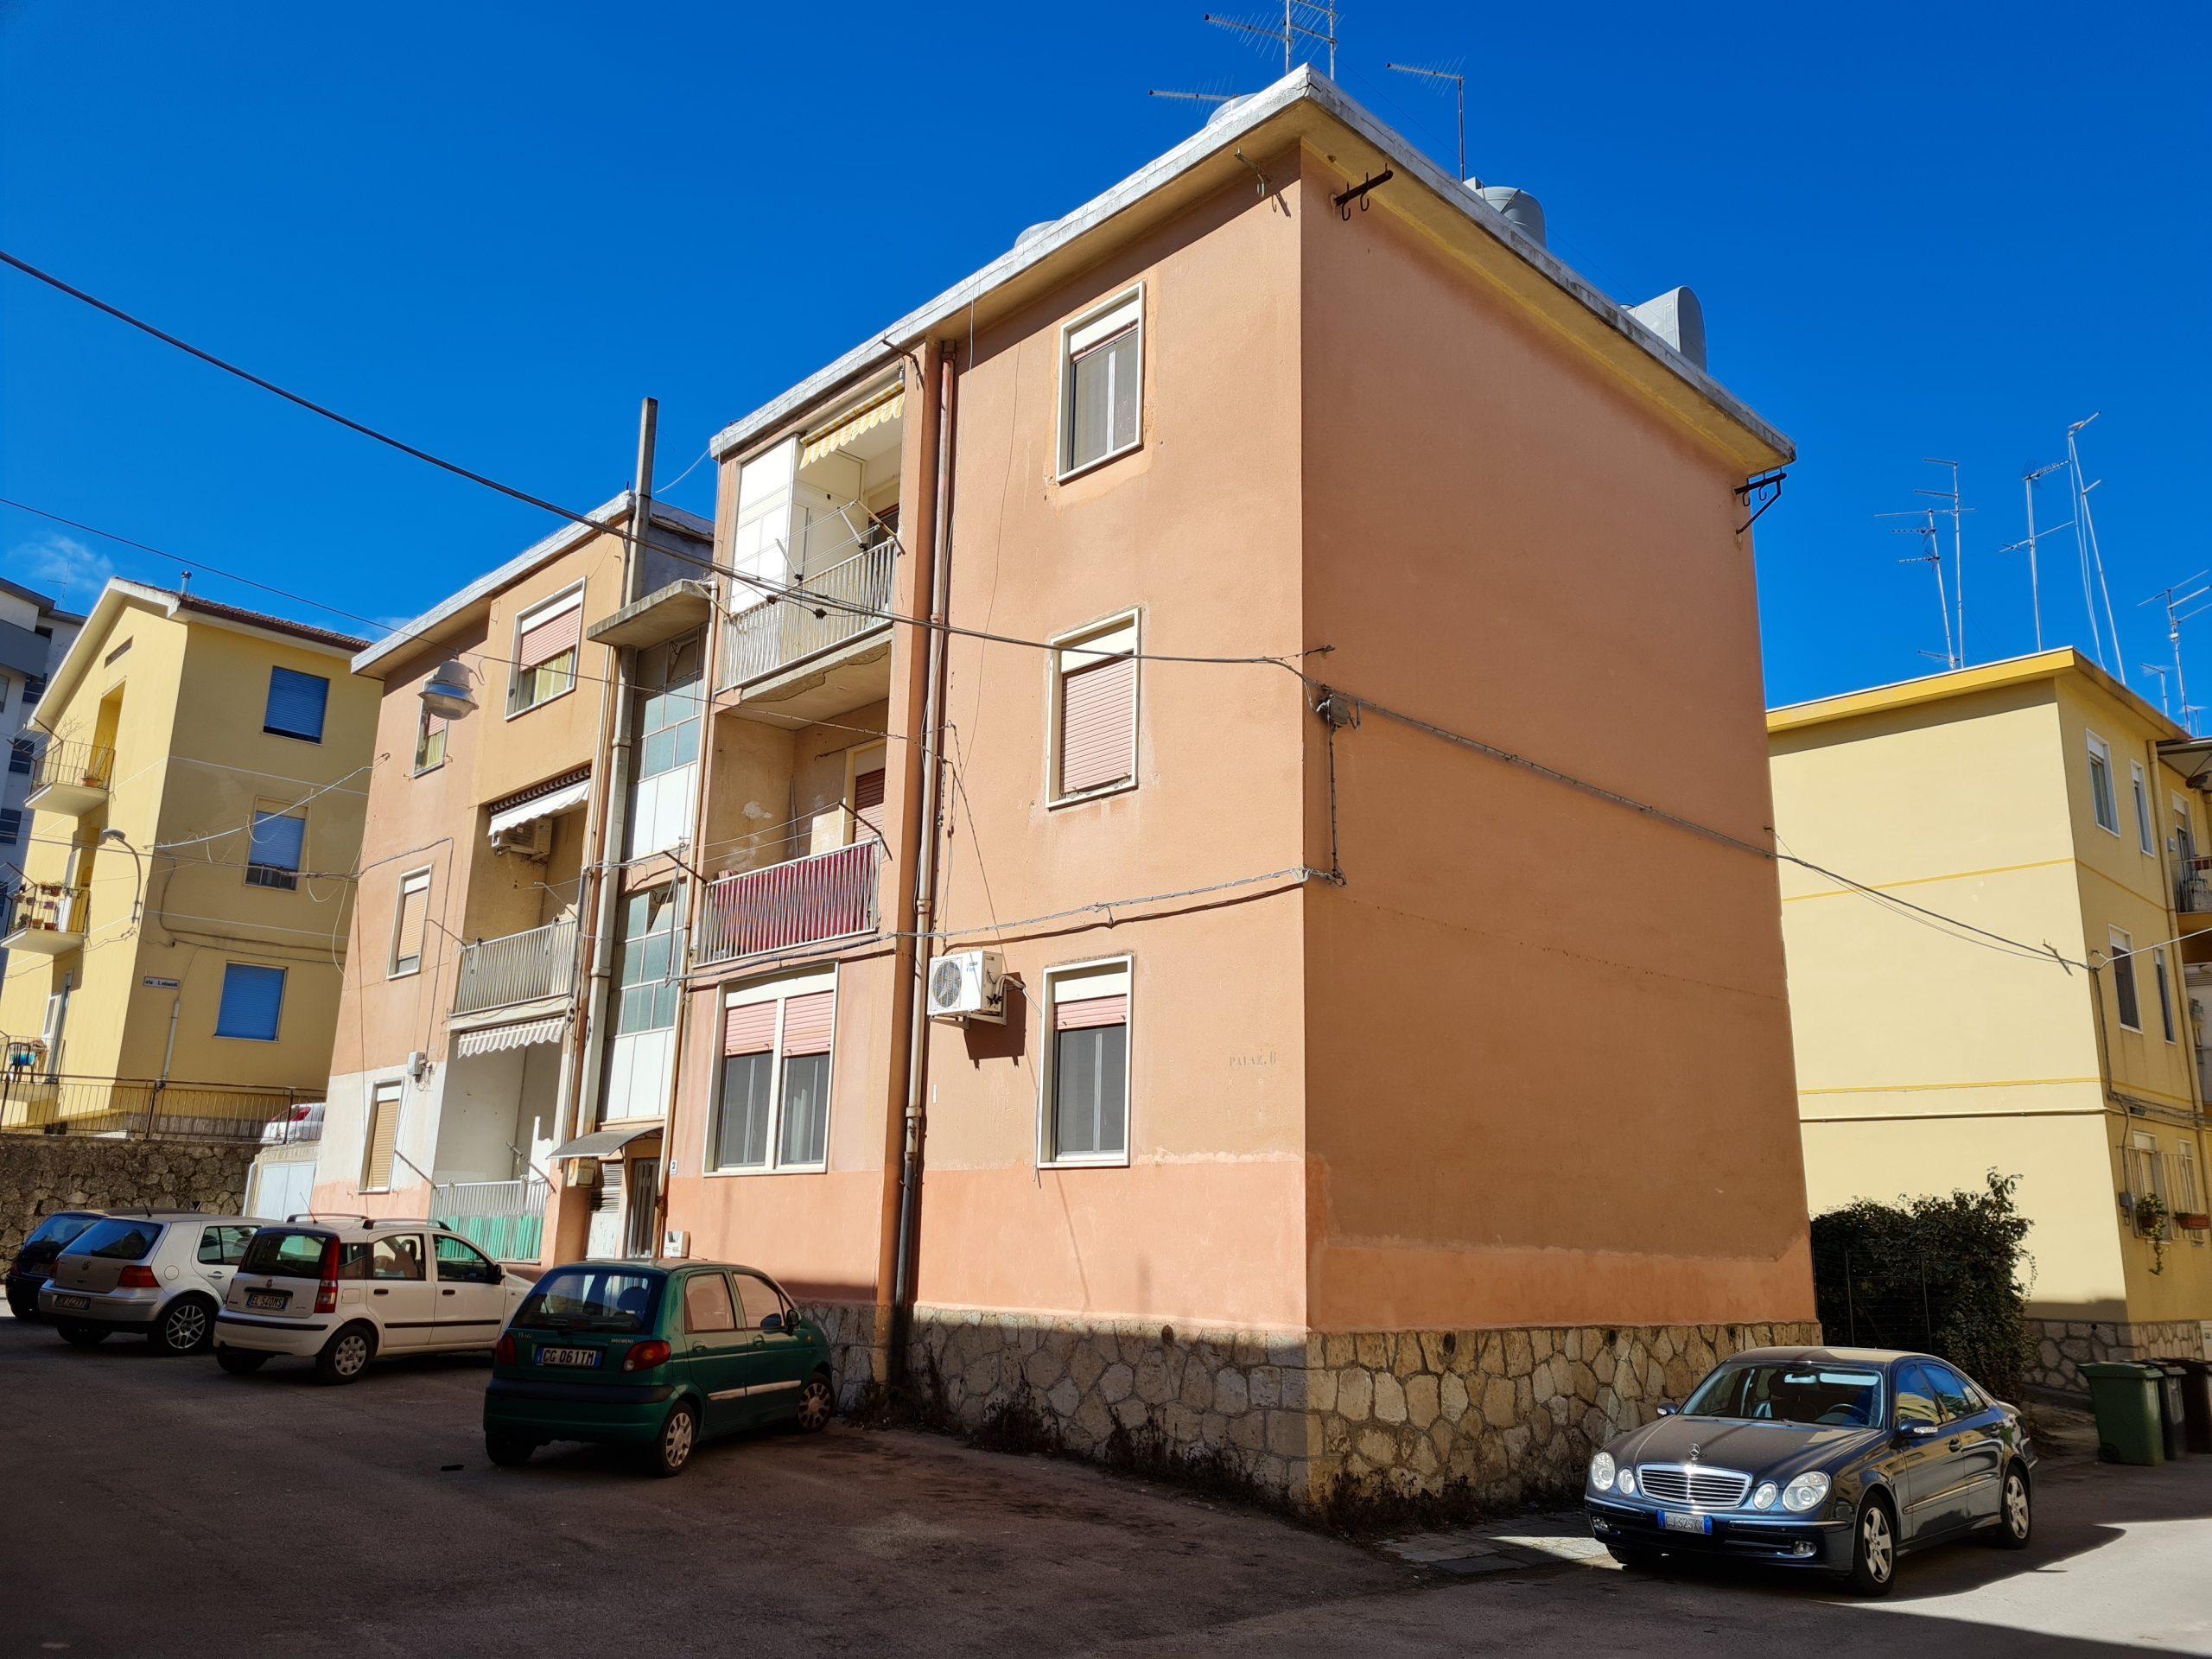 Grazioso appartamento trav. via leone XIII, Via Buozzi